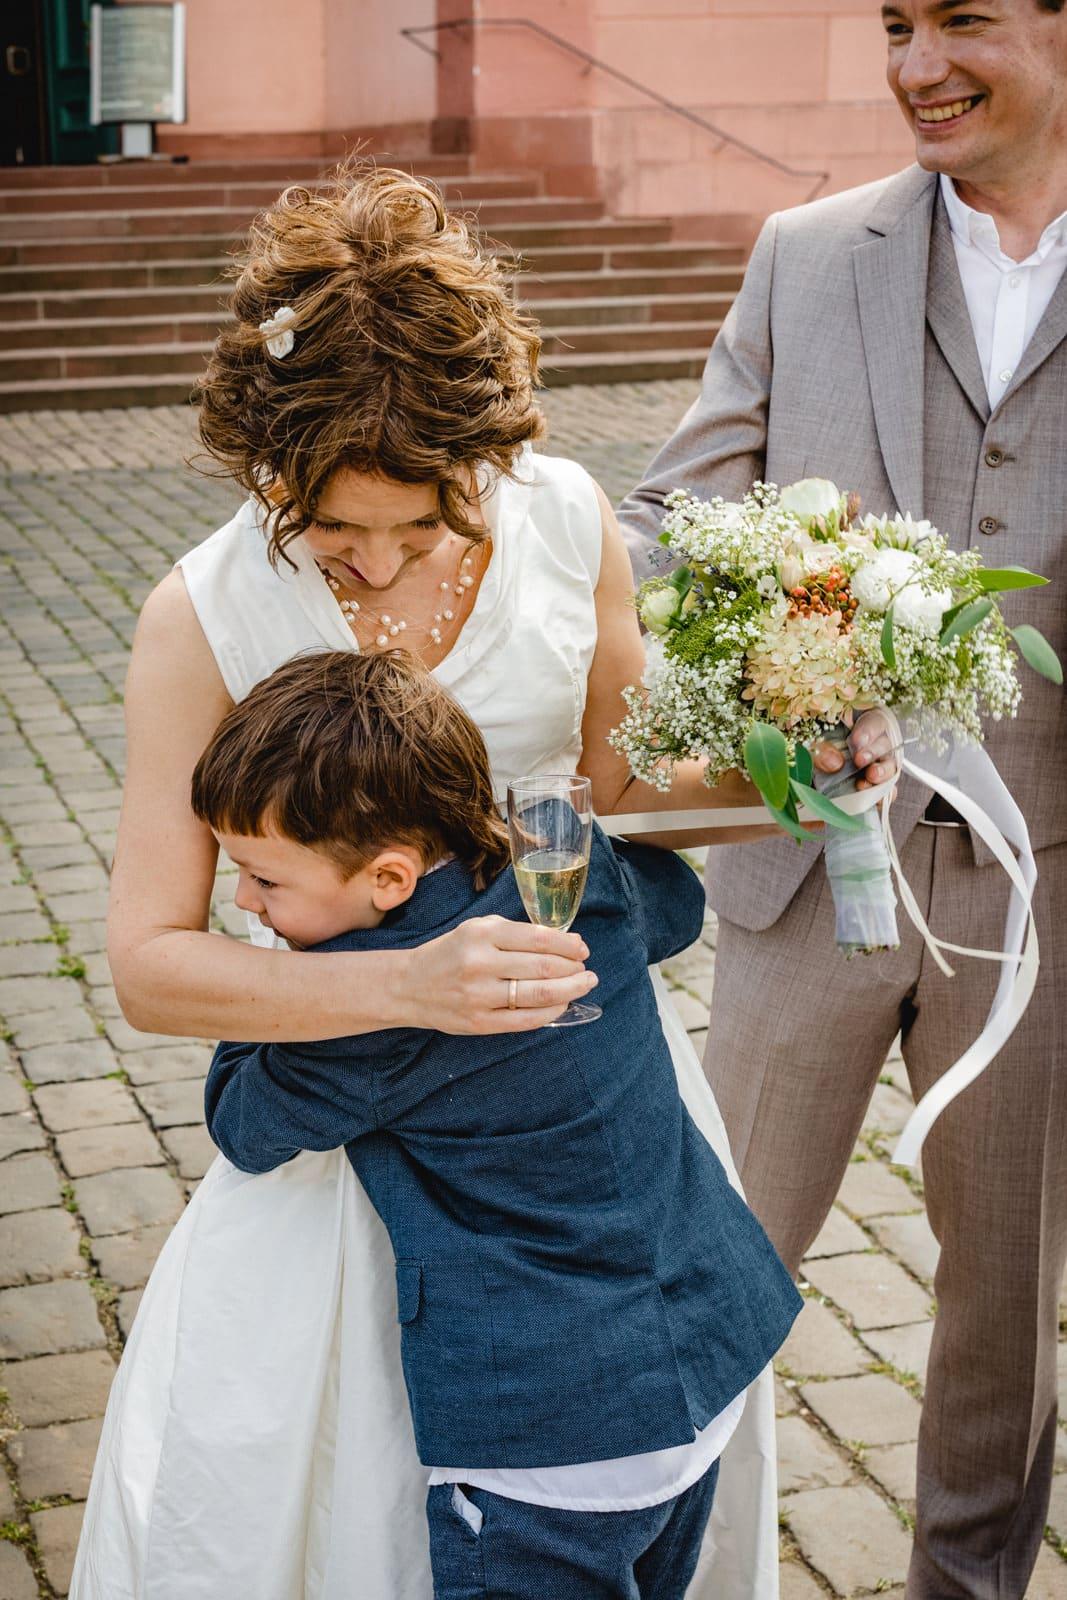 Ein Junge umarmt eine Braut vor der St. Ludwigskirche in Darmstadt nach der Trauung.